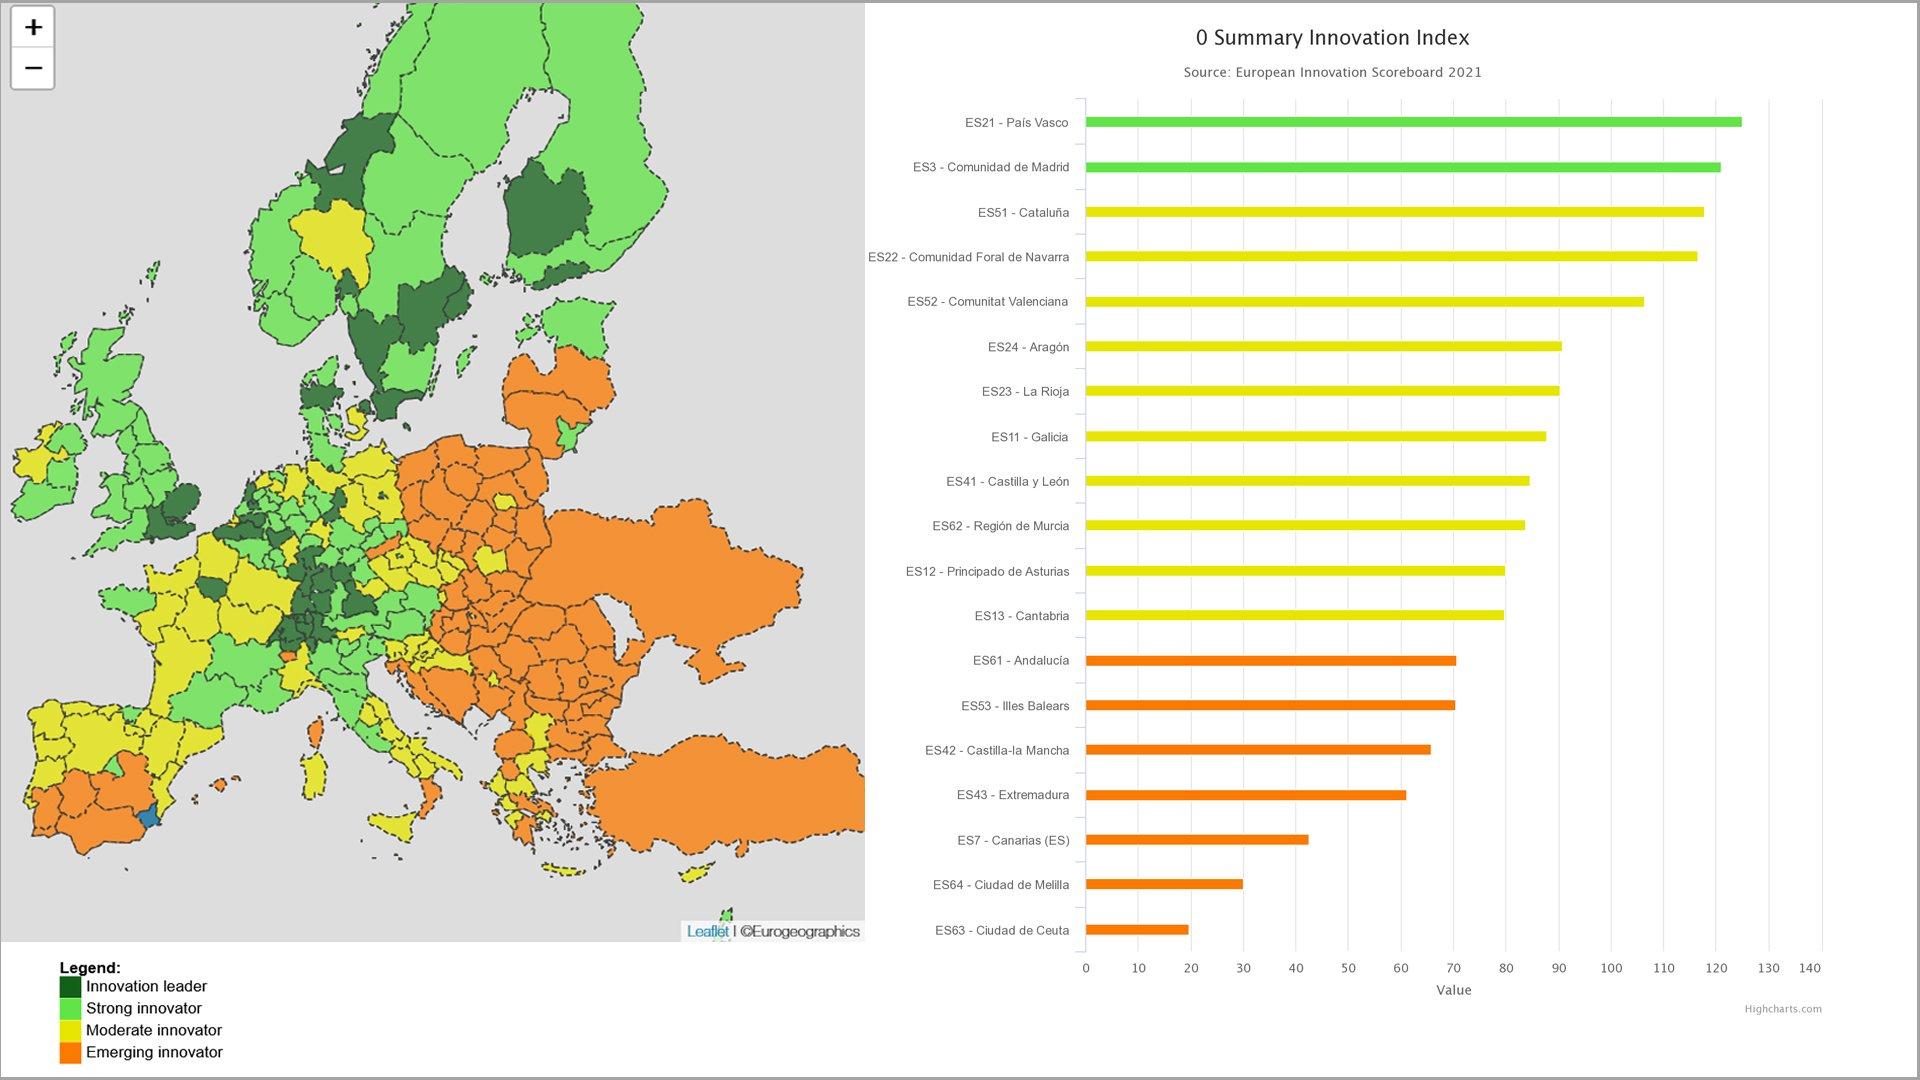 La valenciana es la region europea que mas crece en innovacion_borde